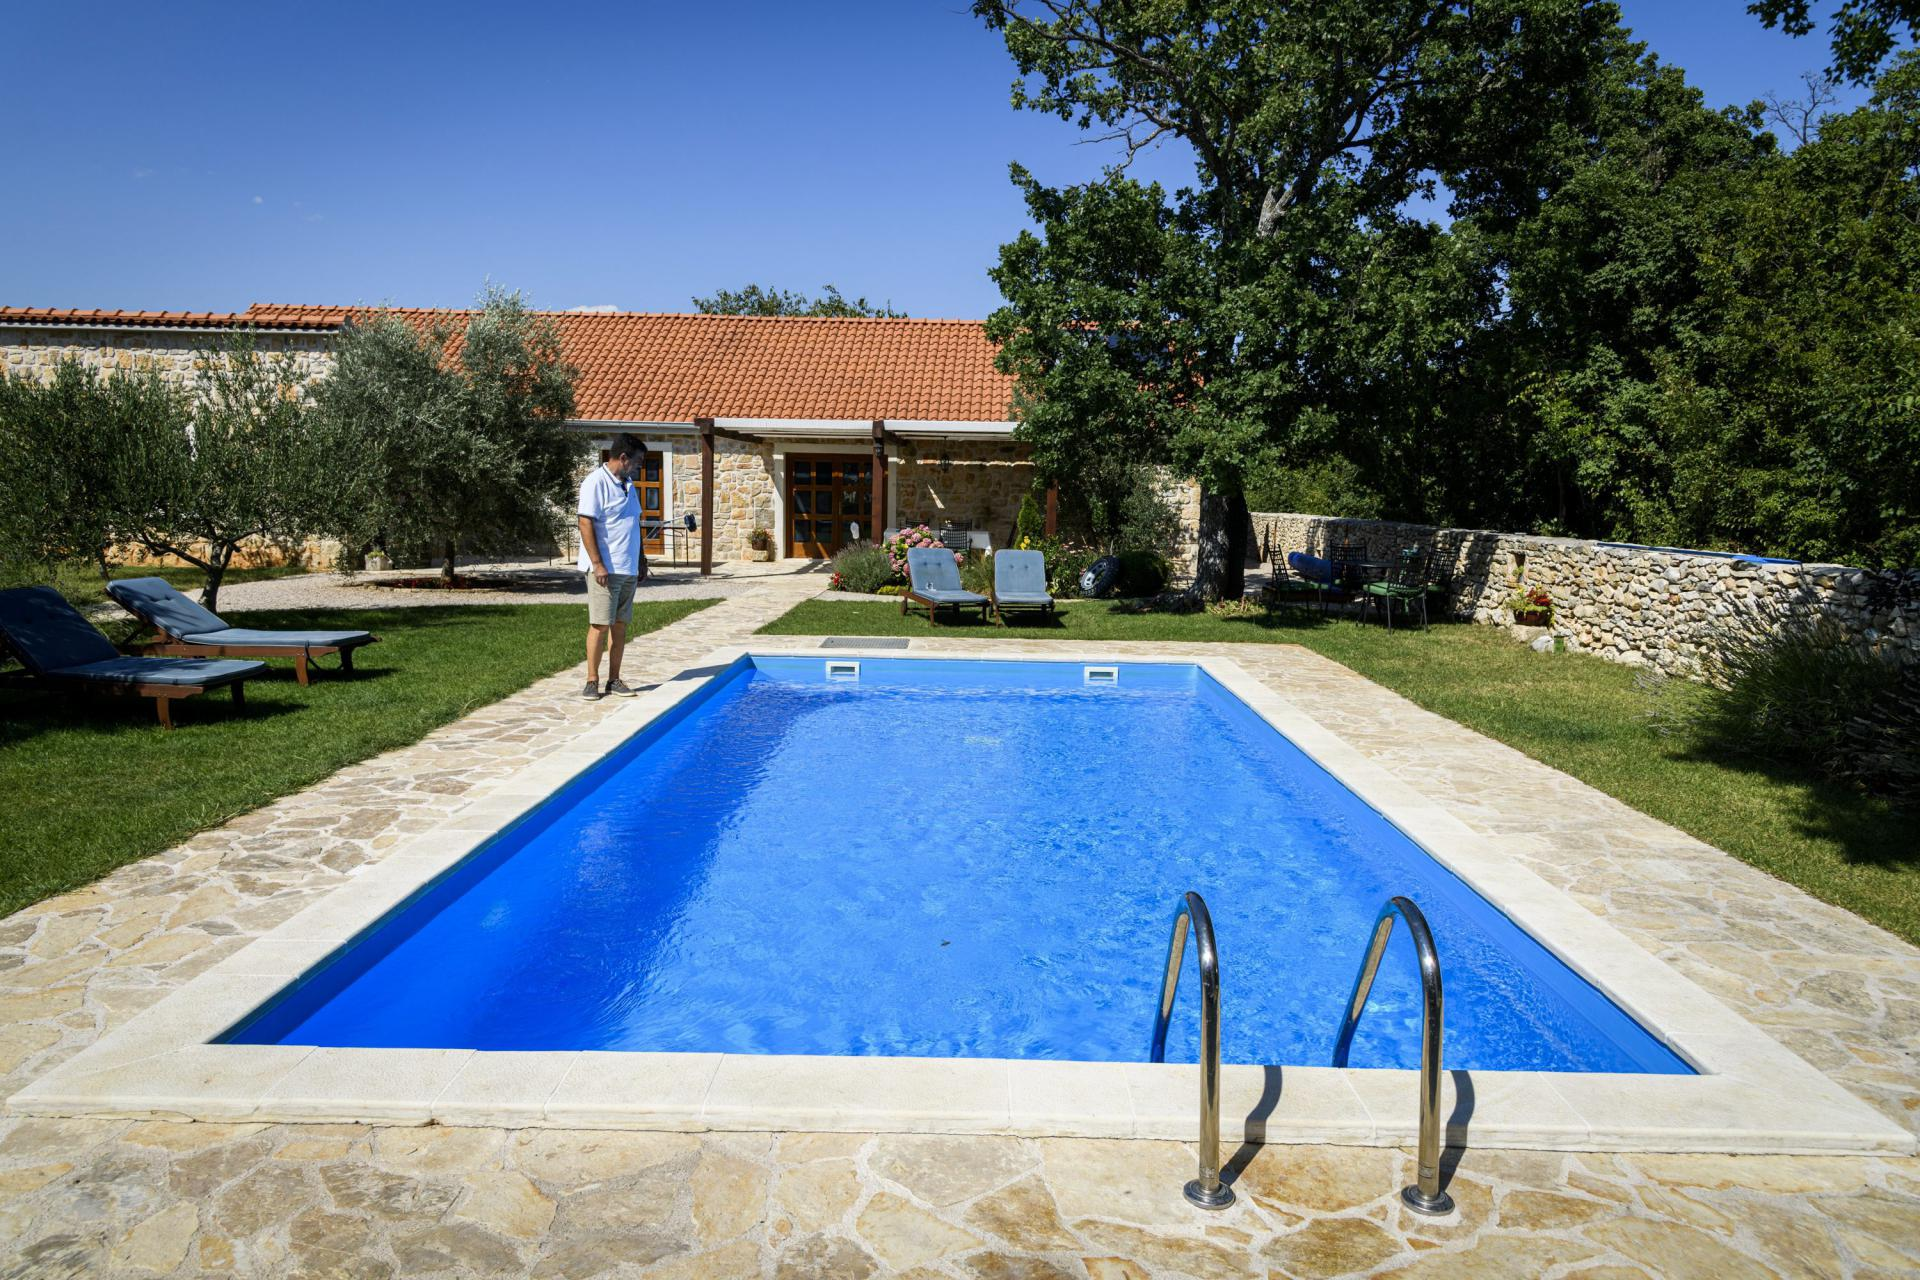 Raste optimizam turističkih radnika: 'Oni koji imaju bazen ne trebaju strahovati za sezonu!'